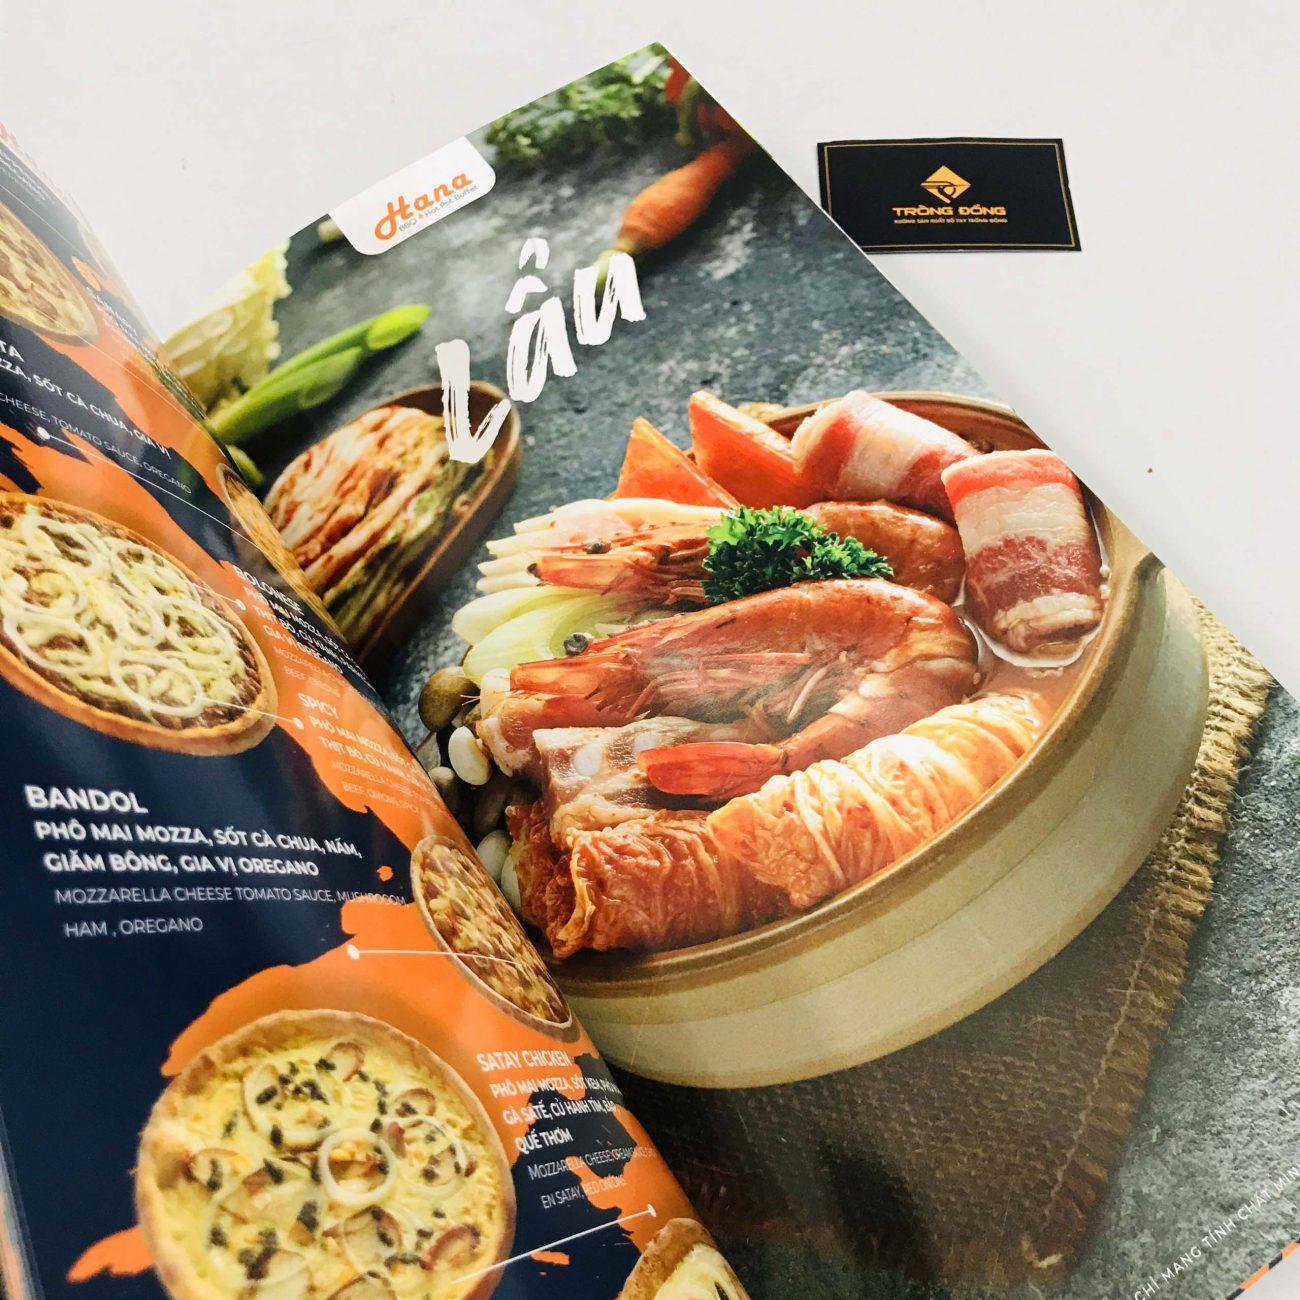 Cung cấp các loại da sản xuất menu bìa da, bìa menu nhà hàng với giá tốt nhất.